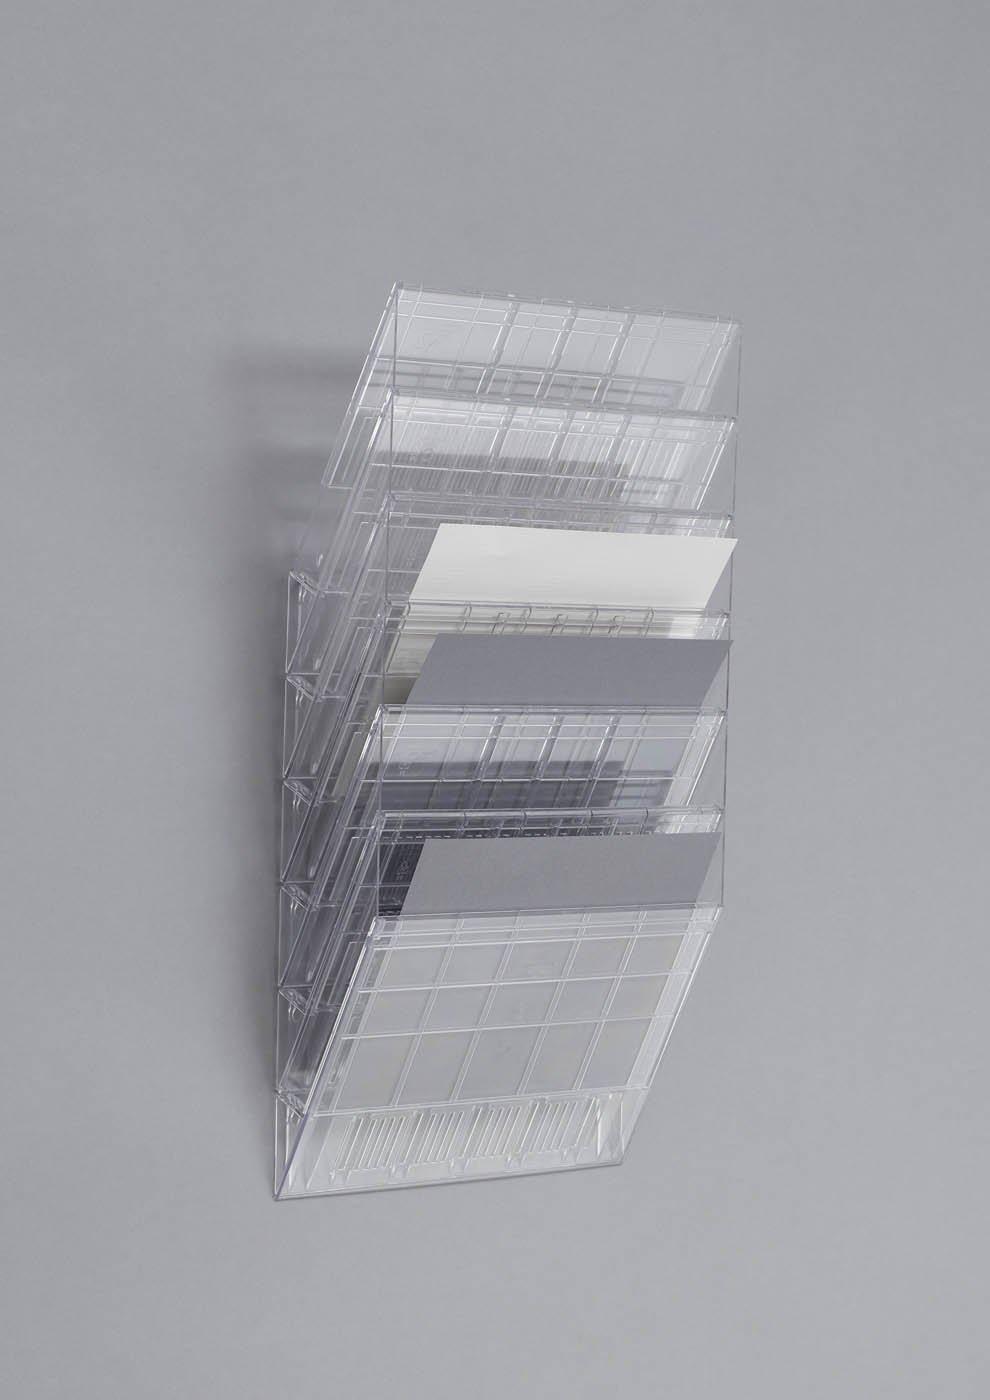 cod. #1709781400 espositore da parete 12 comparti f.to A4 orizzontale trasparente Flexiboxx 12 A4 Orizzontale 348x1140x95 mm DURABLE